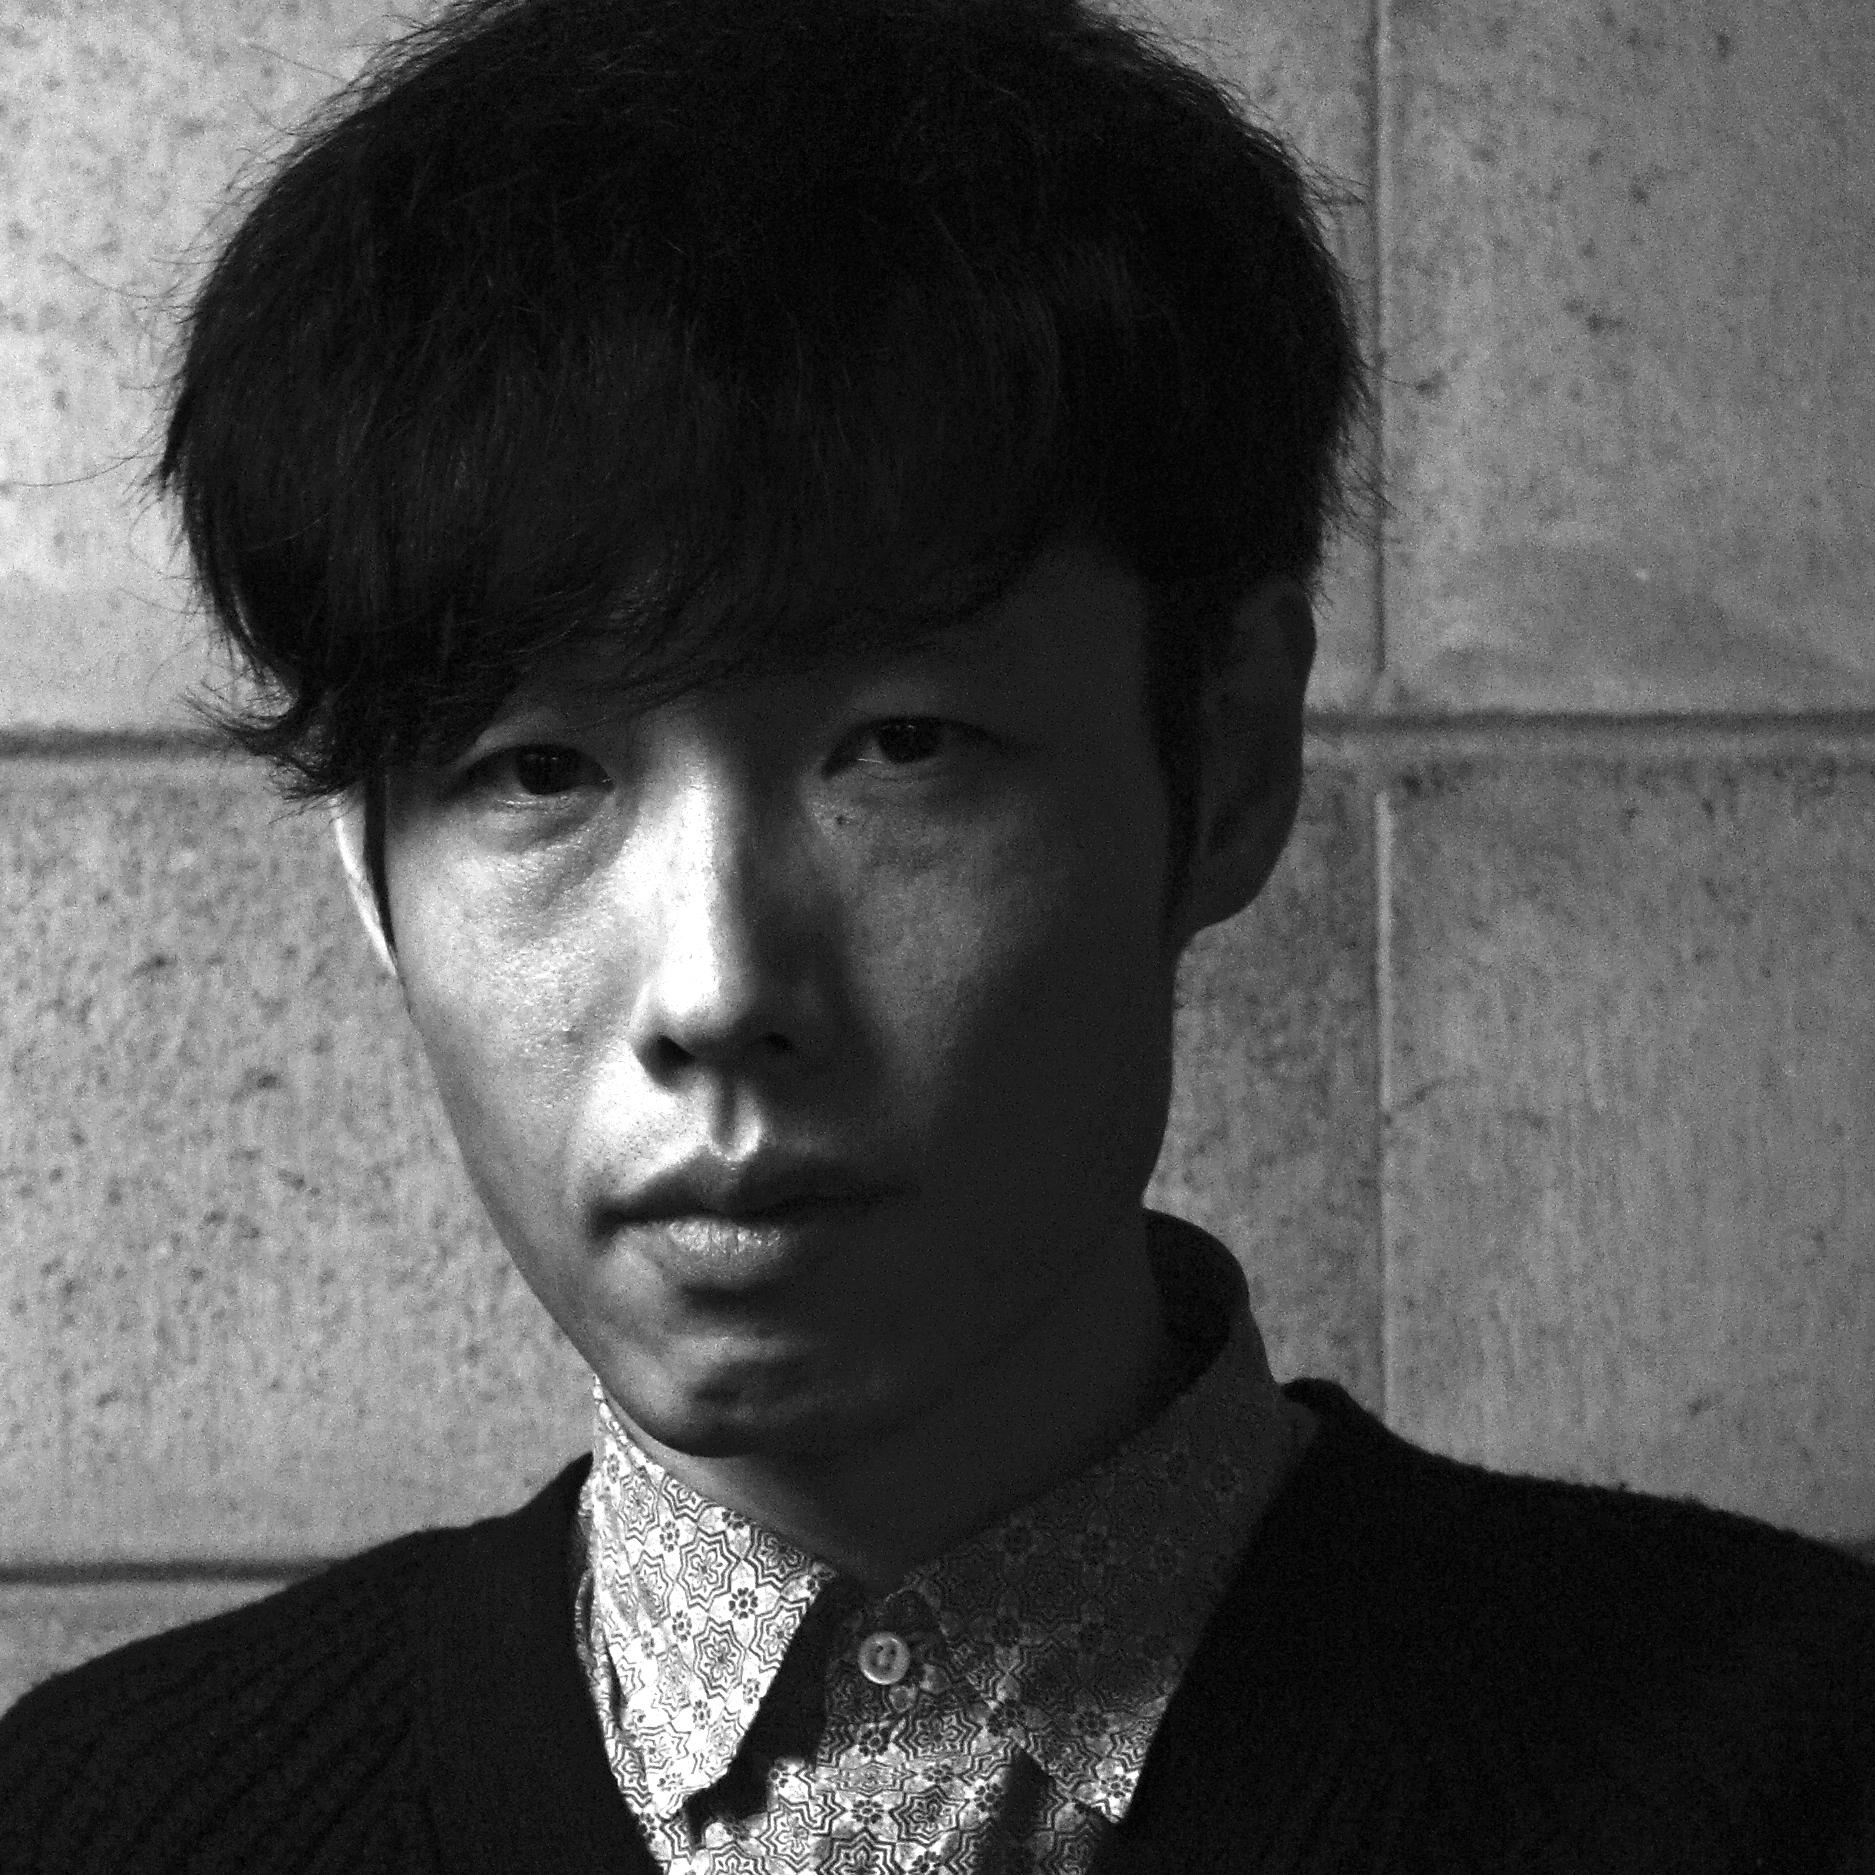 Ahn sam-yeol